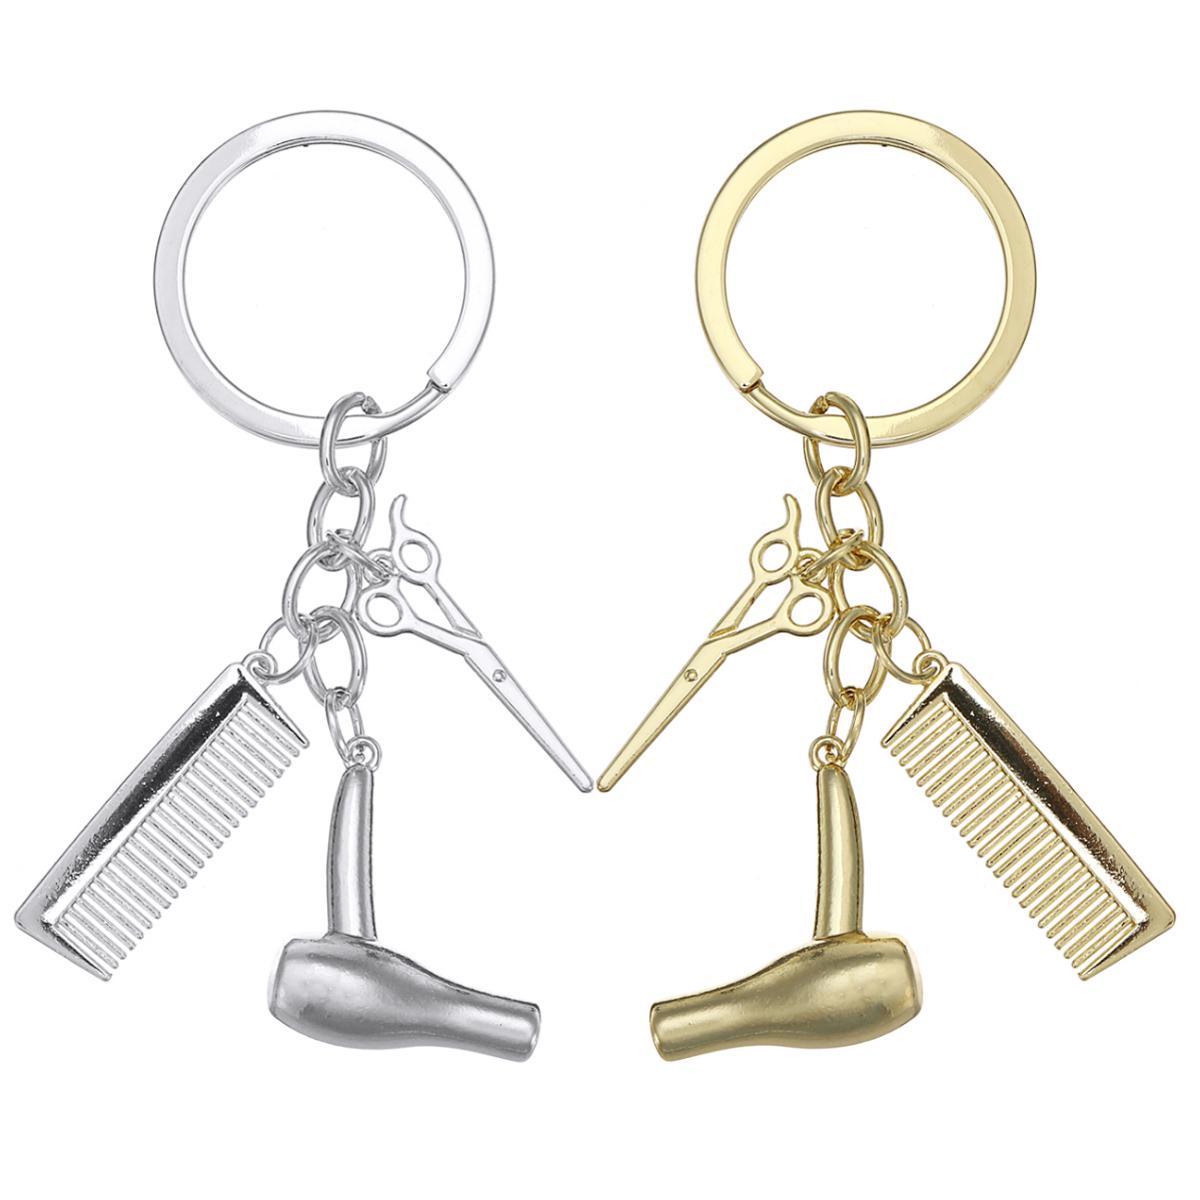 Ключевые цепи парикмахер подарок гребень ножницы для волос сушилка автомобиль Аксессуары Аксессуары Подарочный Ключ фото